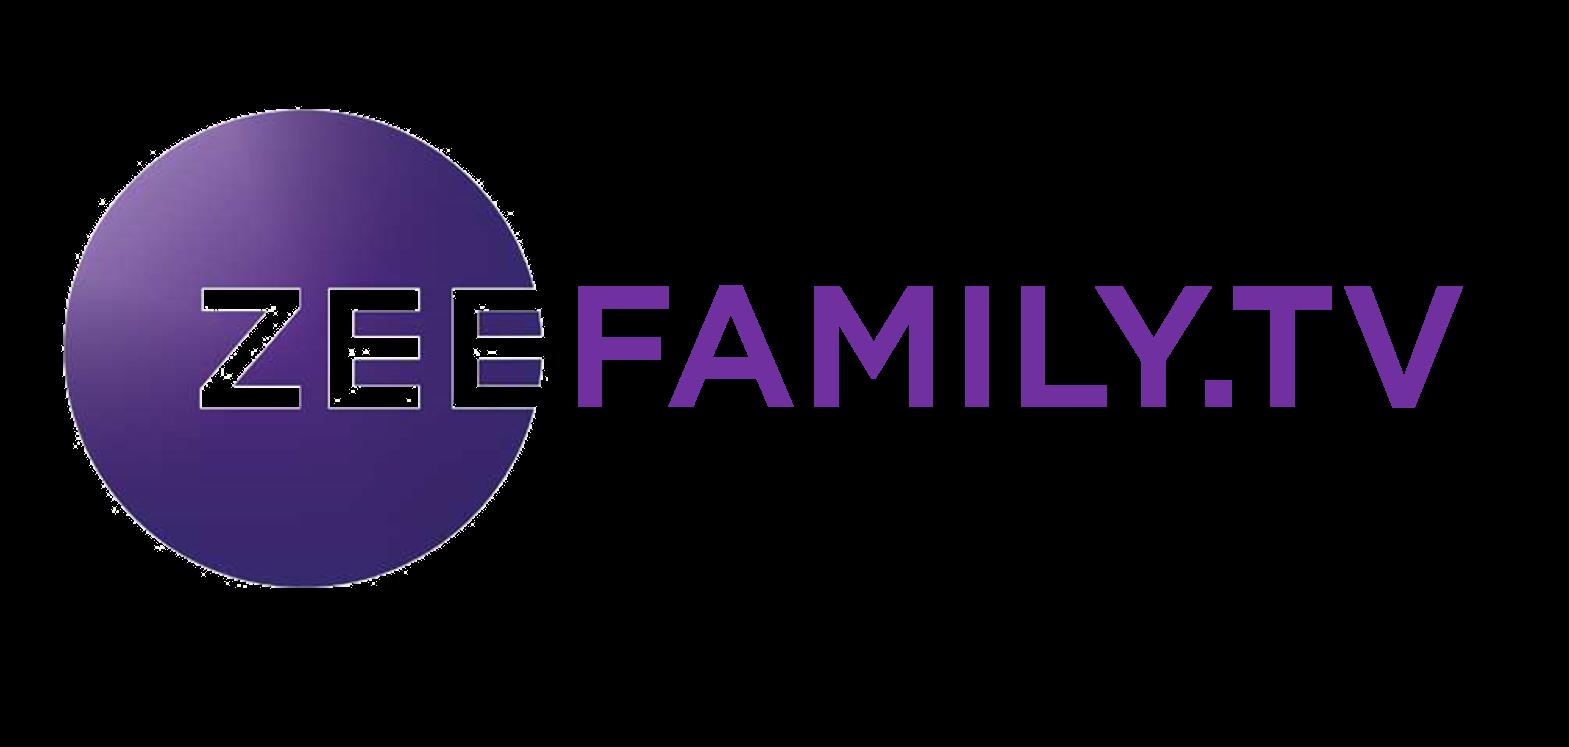 Zee Family.TV